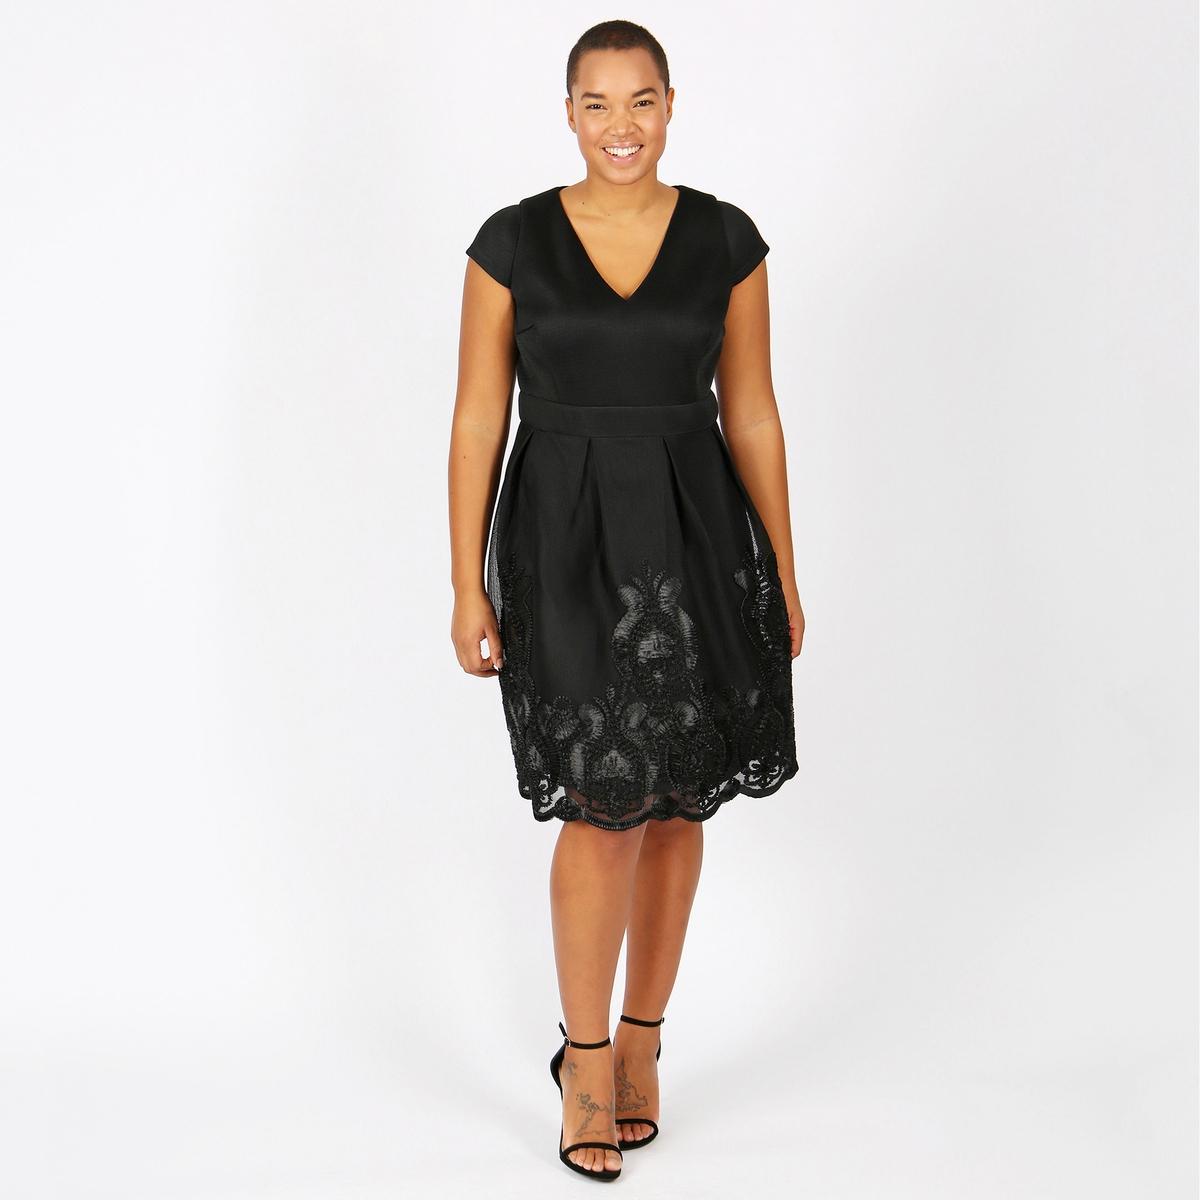 Платье однотонное средней длины, расширяющееся книзуОписание:Детали •  Форма : расклешенная •  Длина до колен •  Короткие рукава    •   V-образный вырезСостав и уход •  100% полиэстер •  Следуйте рекомендациям по уходу, указанным на этикетке изделияТовар из коллекции больших размеров<br><br>Цвет: черный